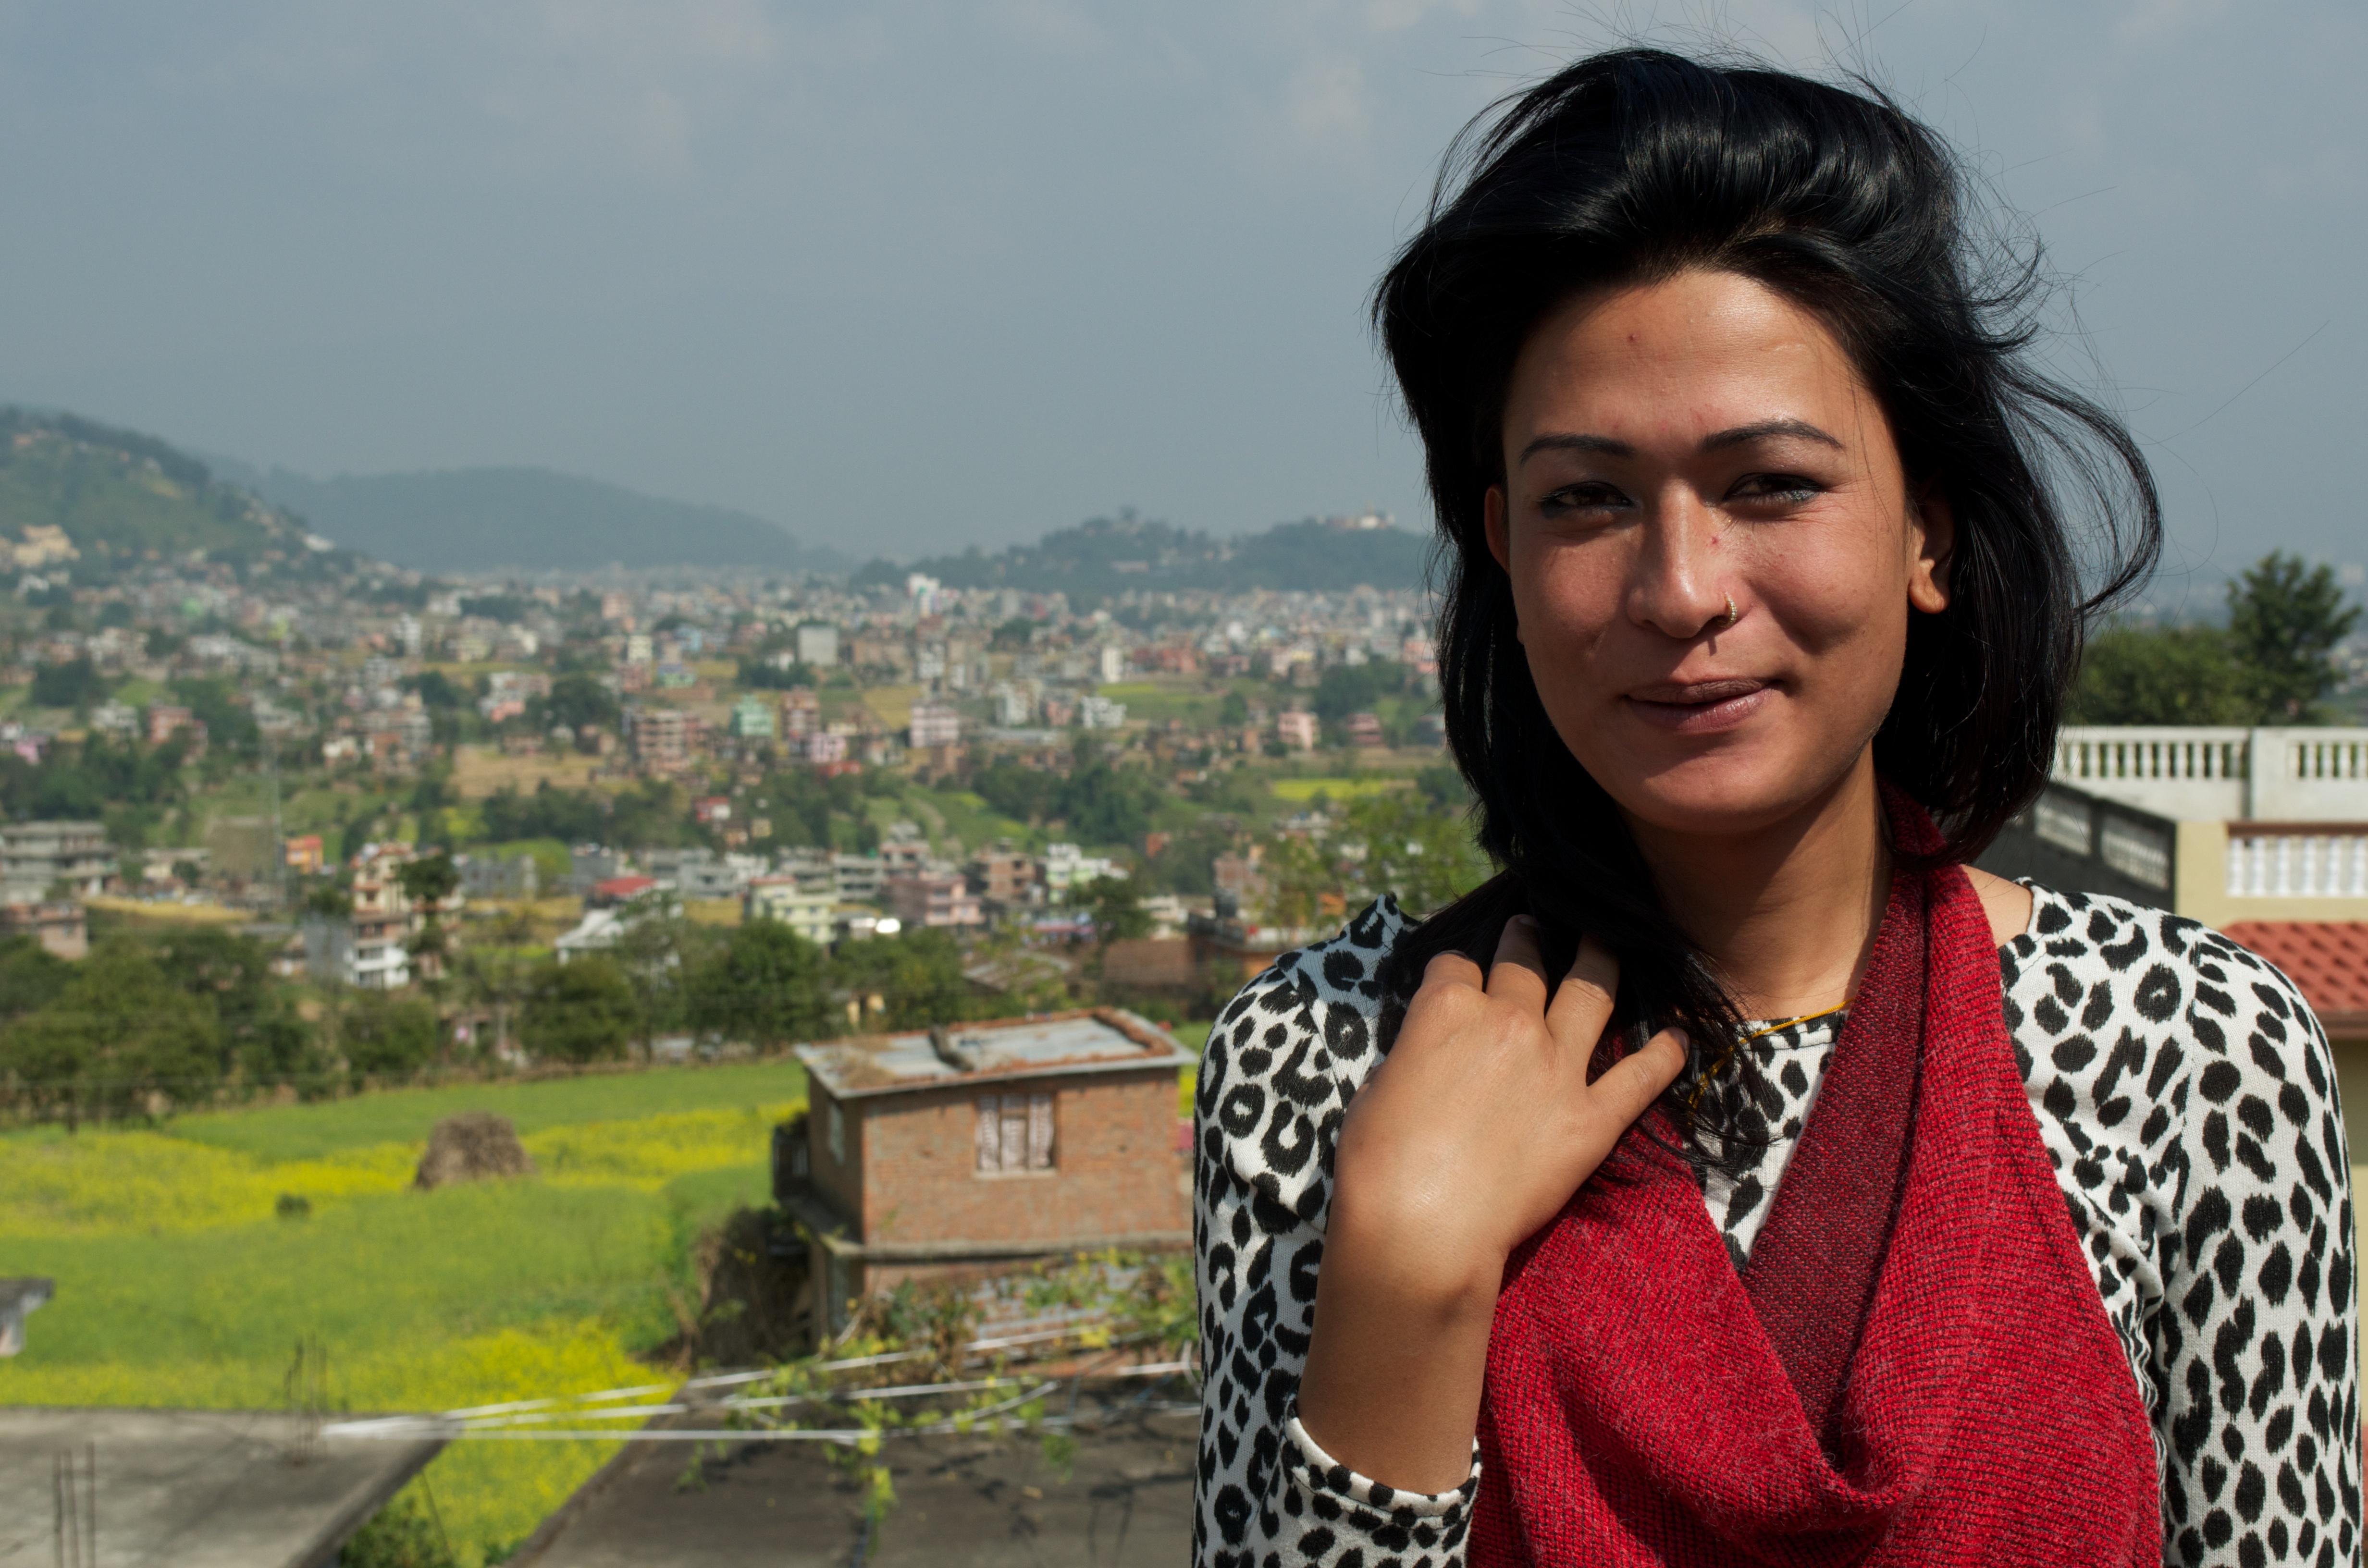 Nepals supertrans activist representative and model bhumika nepals supertrans activist representative and model bhumika shrestha ccuart Gallery